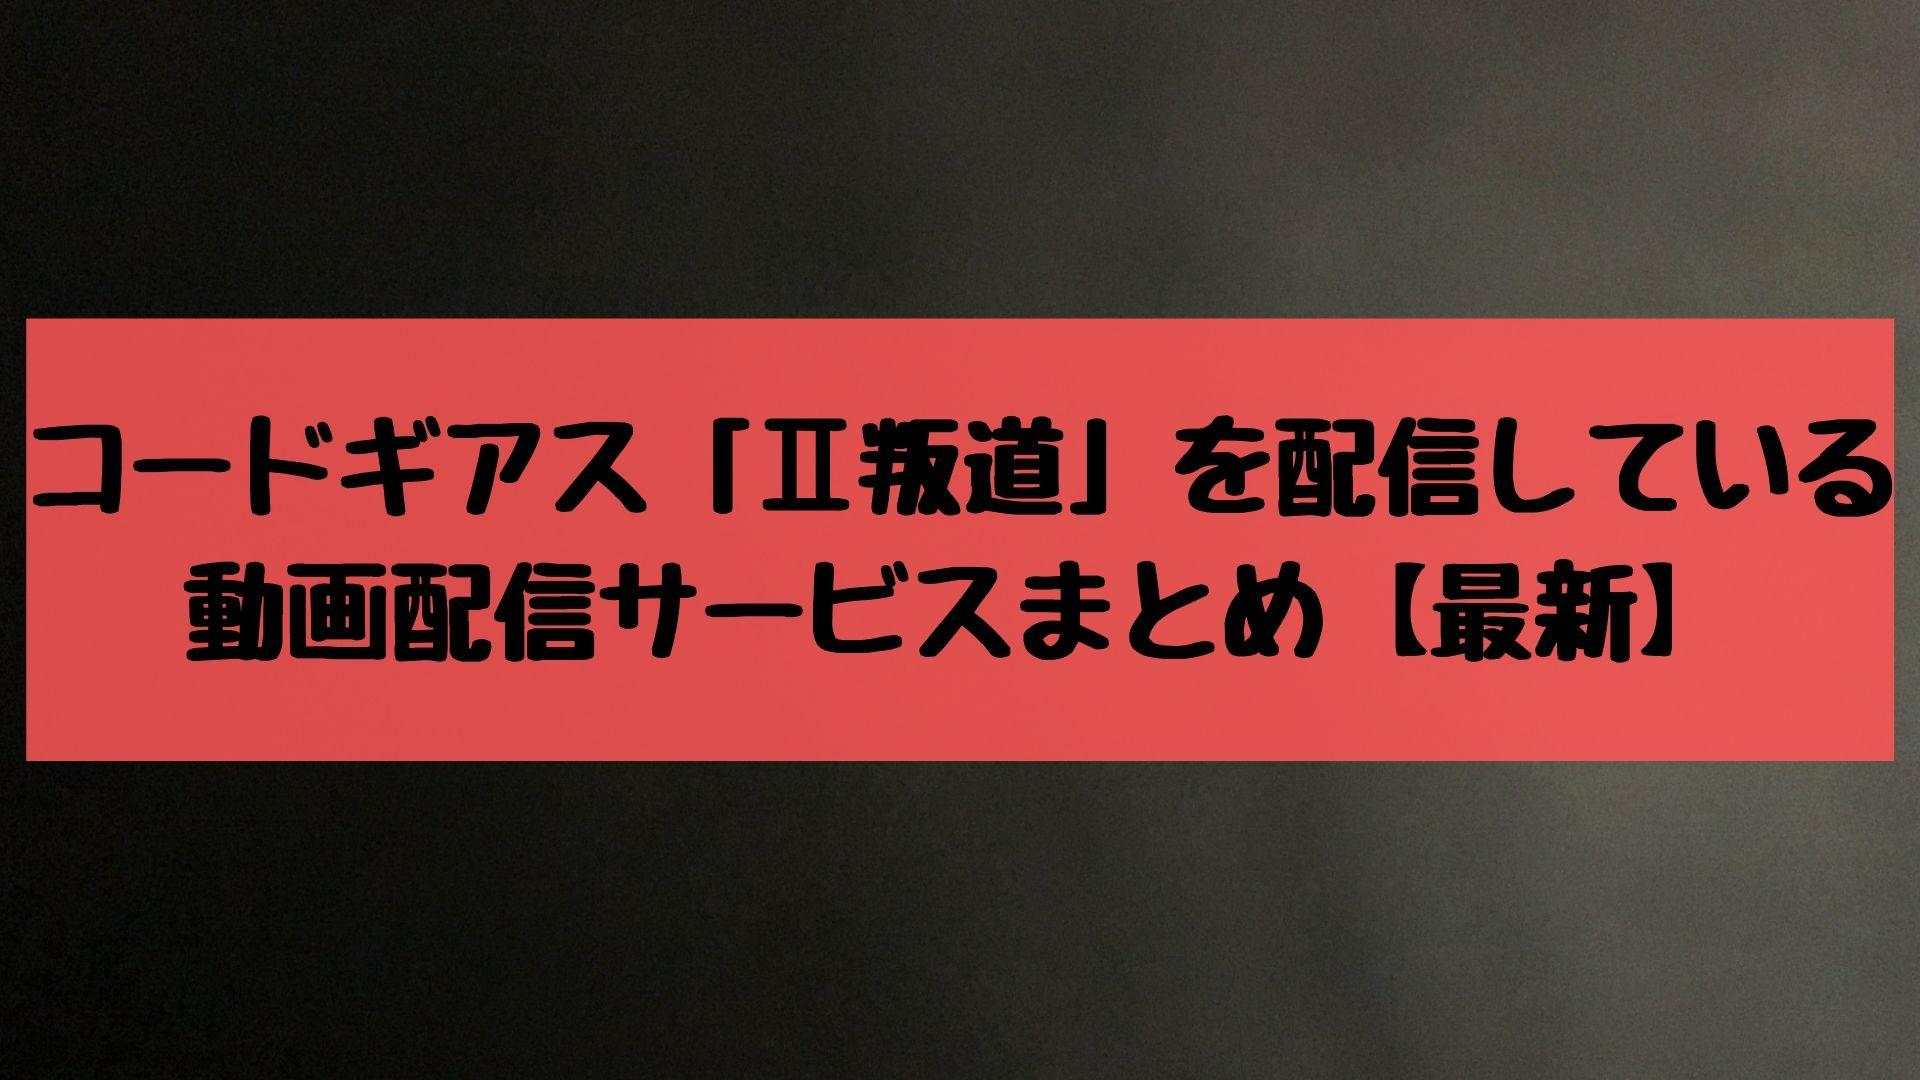 コードギアス「Ⅱ叛道」を配信している動画配信サービスまとめ【最新】